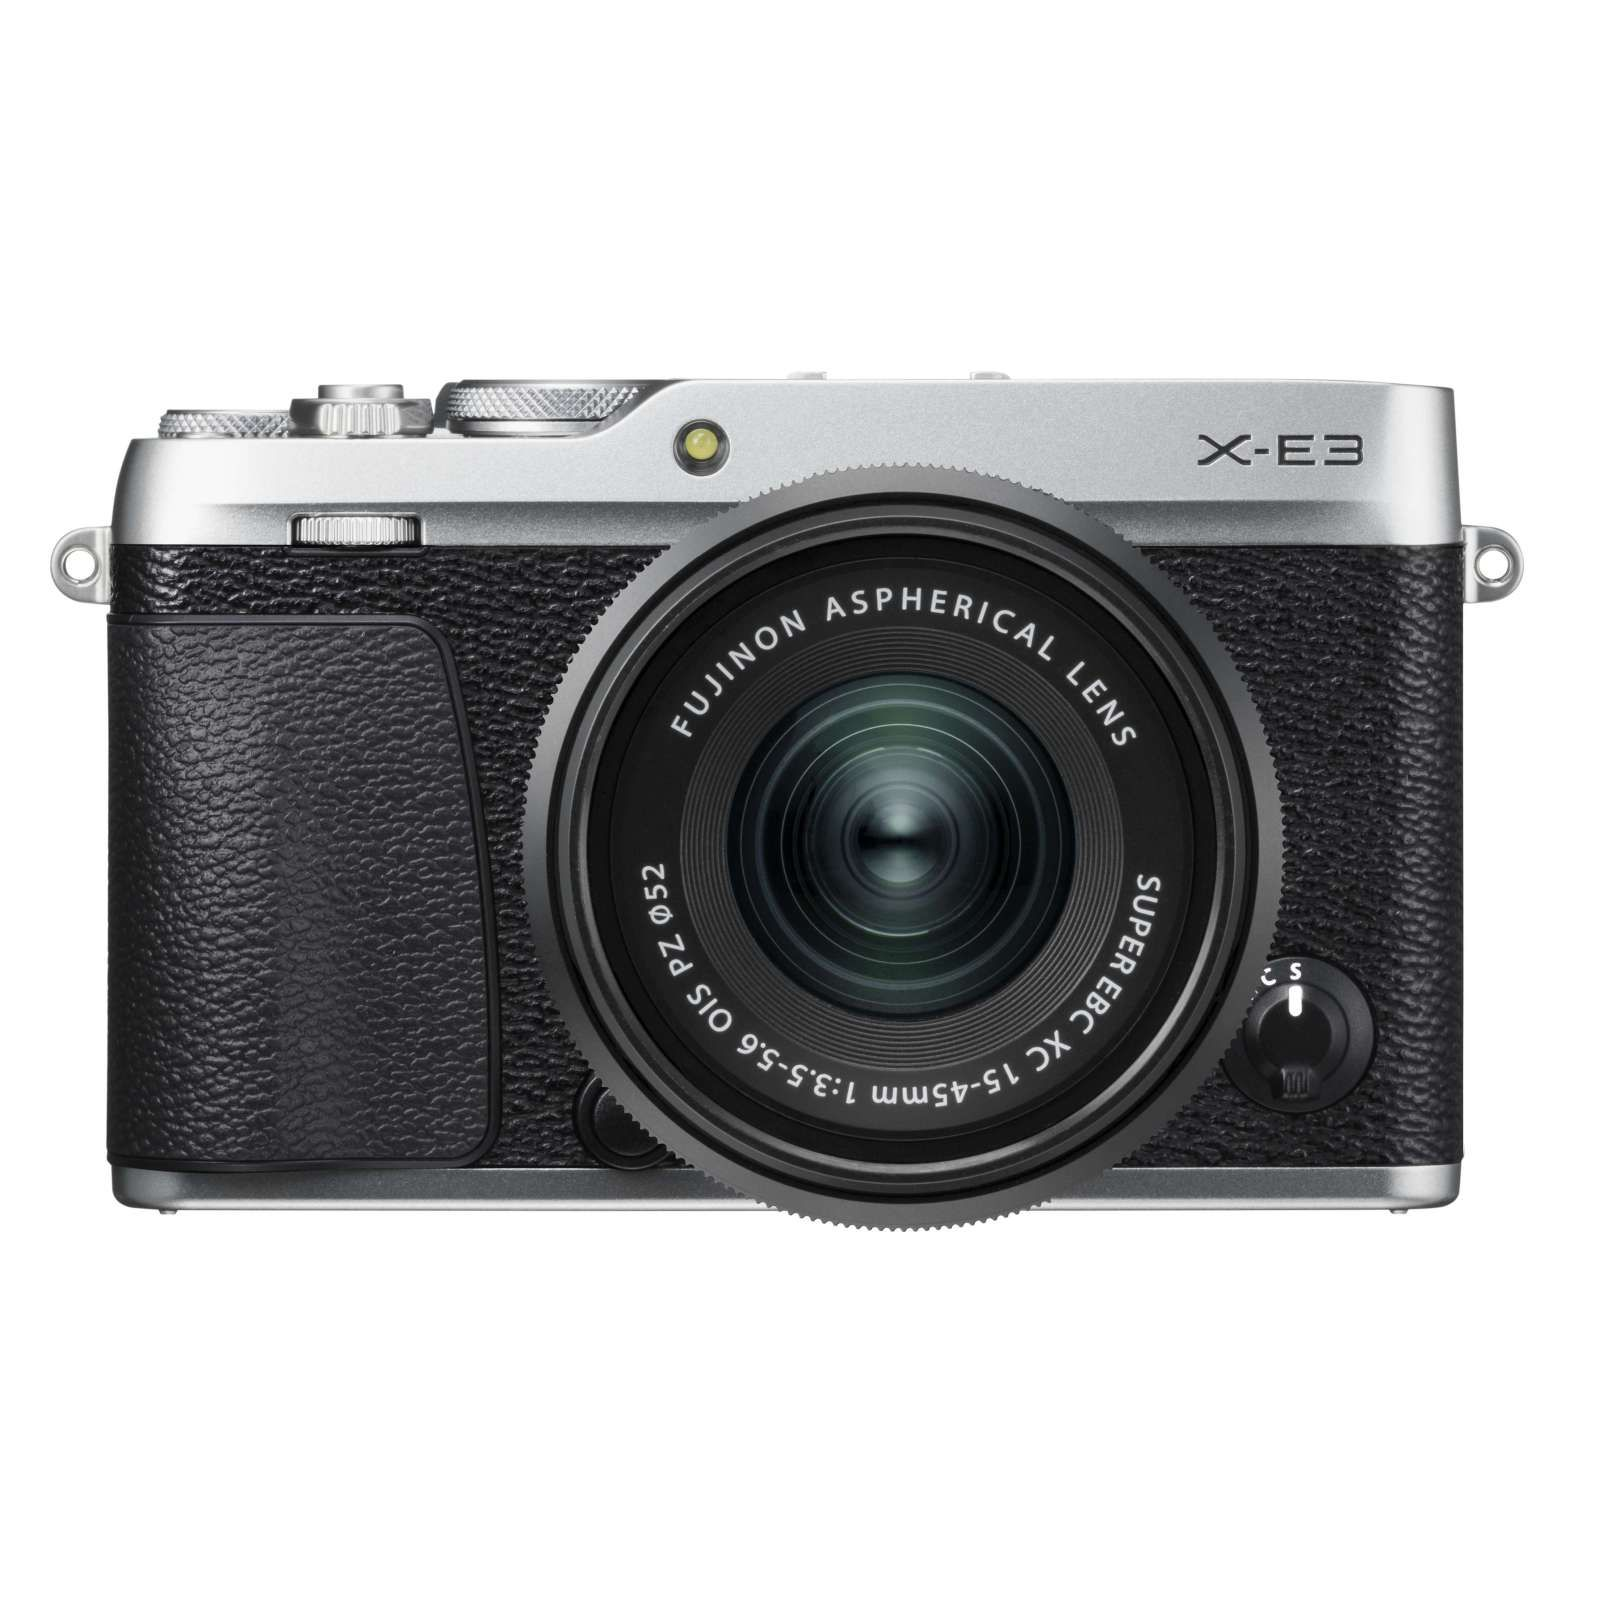 FUJIFILM X-E3 + XC 15-45mm/f3,5-5,6 OIS + dárkový set v hodnotě 2 700,- Kč Barva: stříbrná